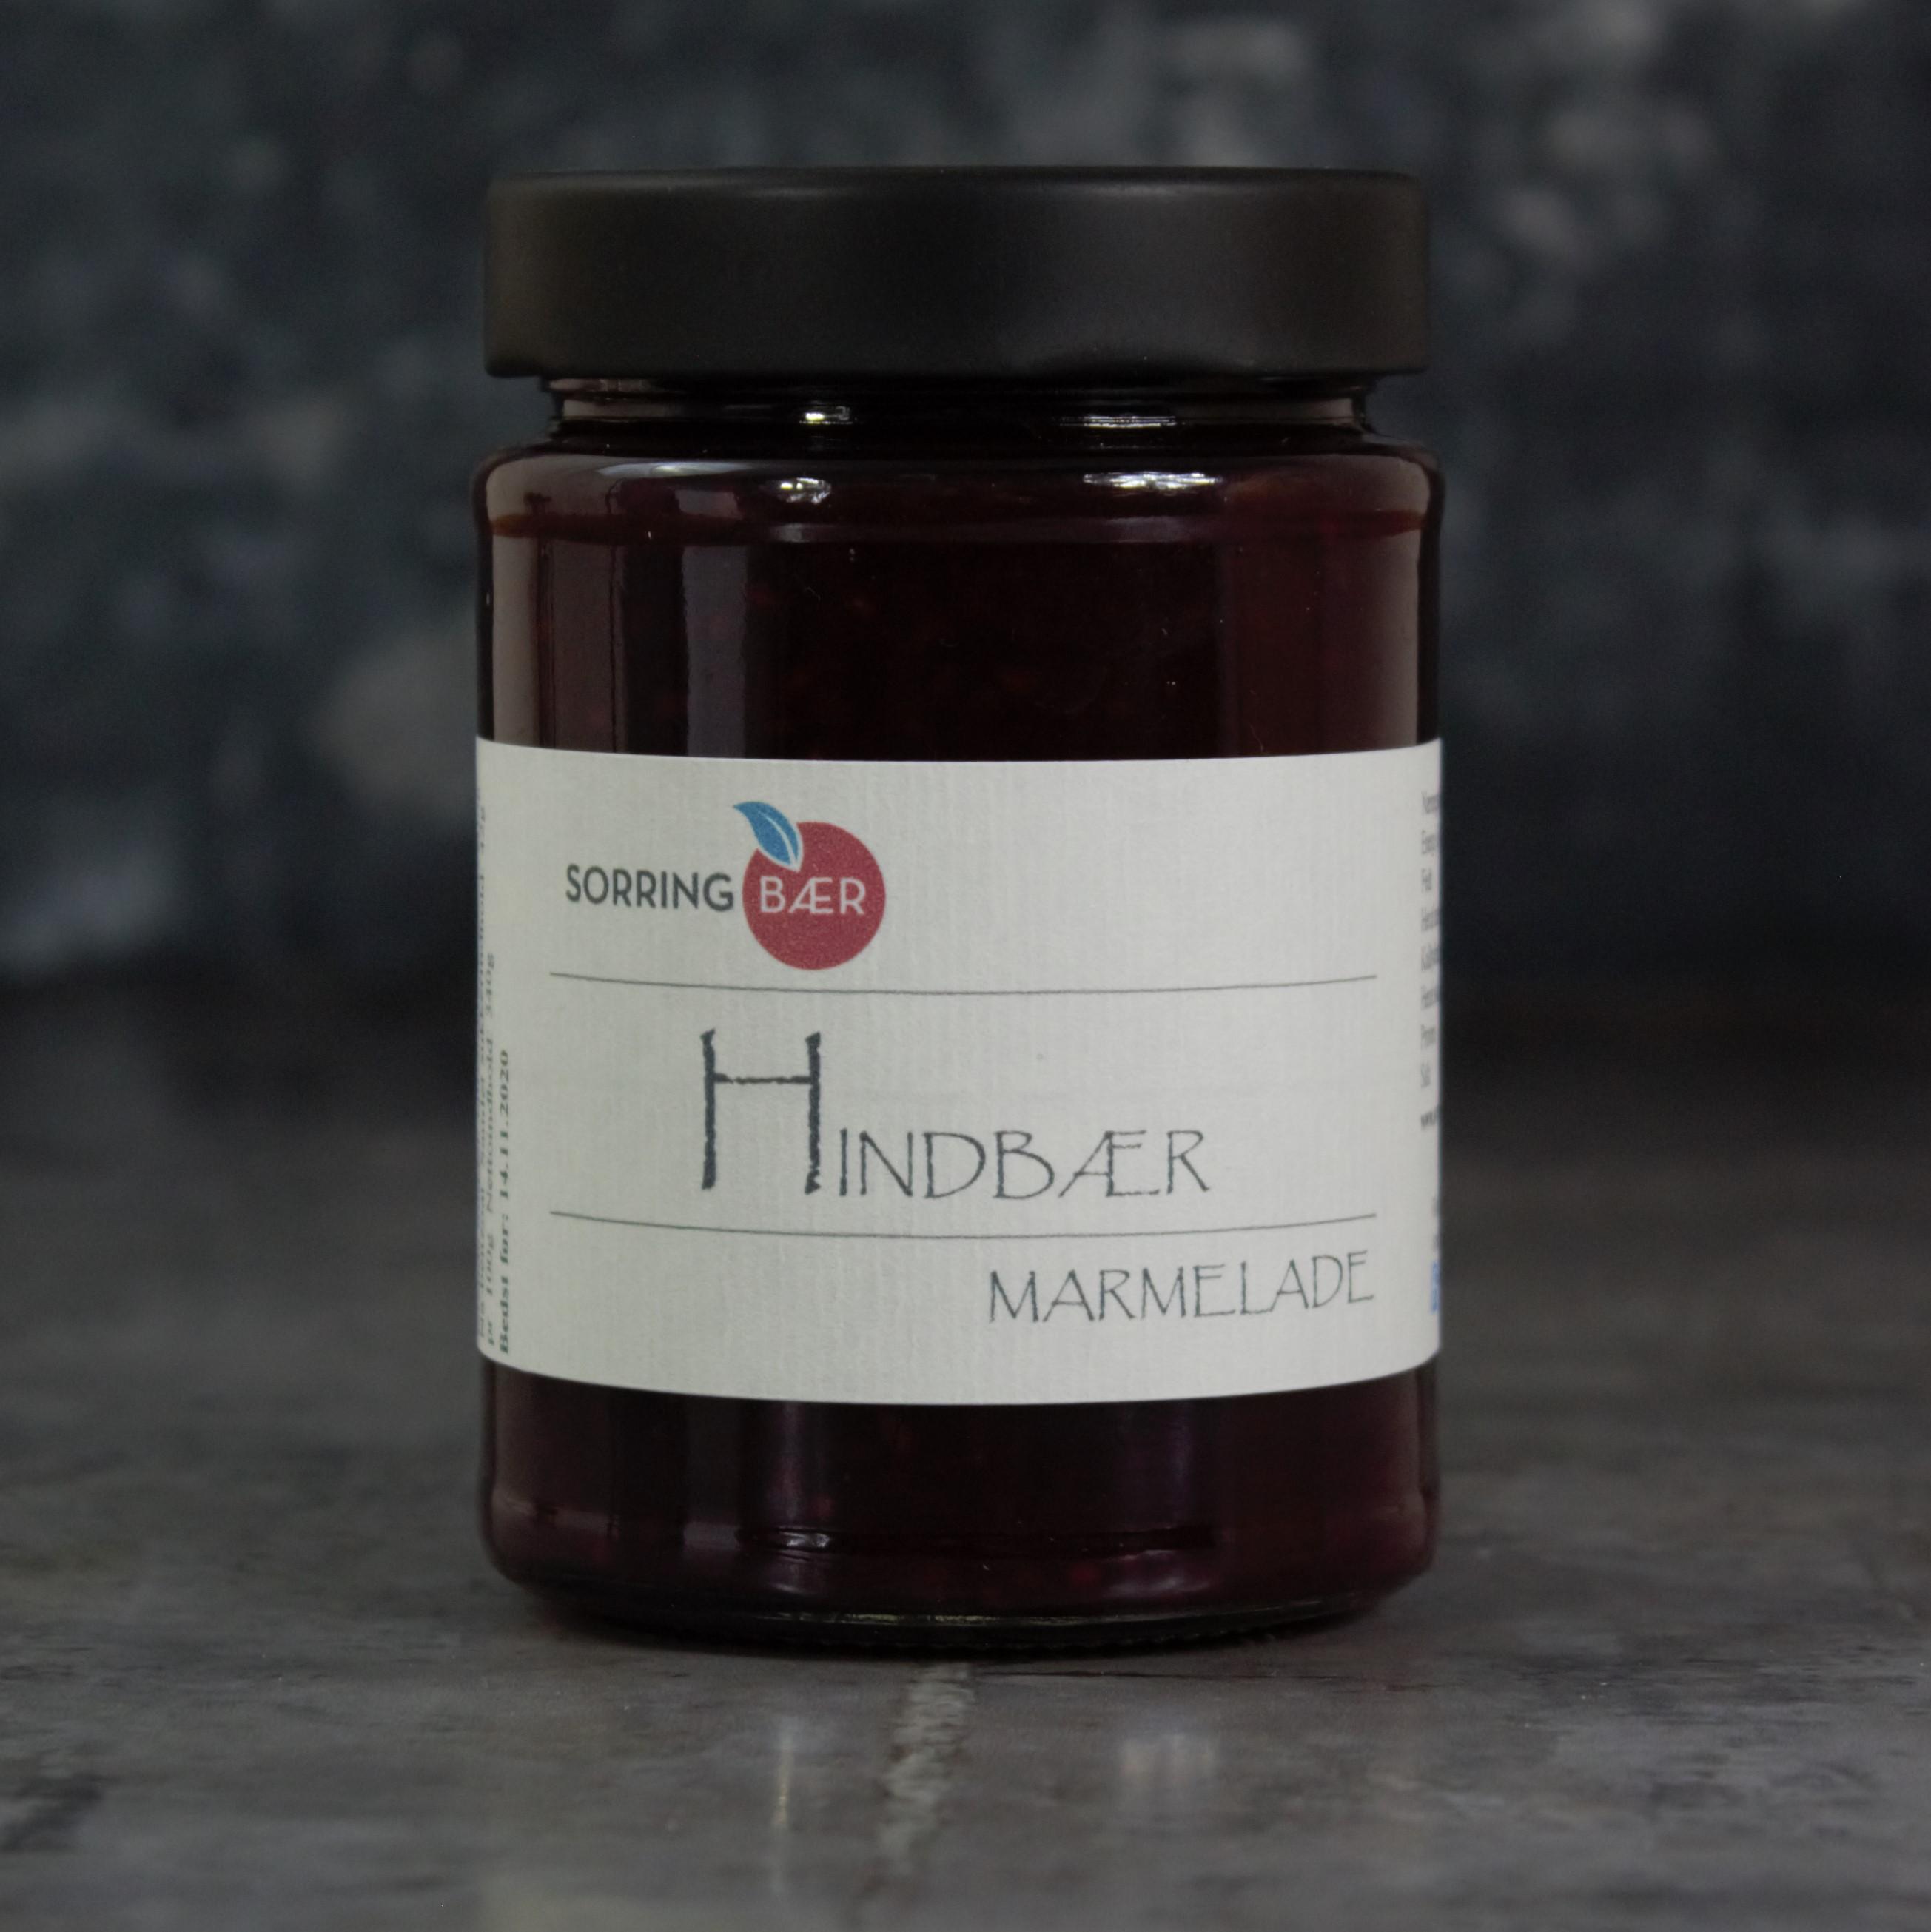 Hindbær, 330g